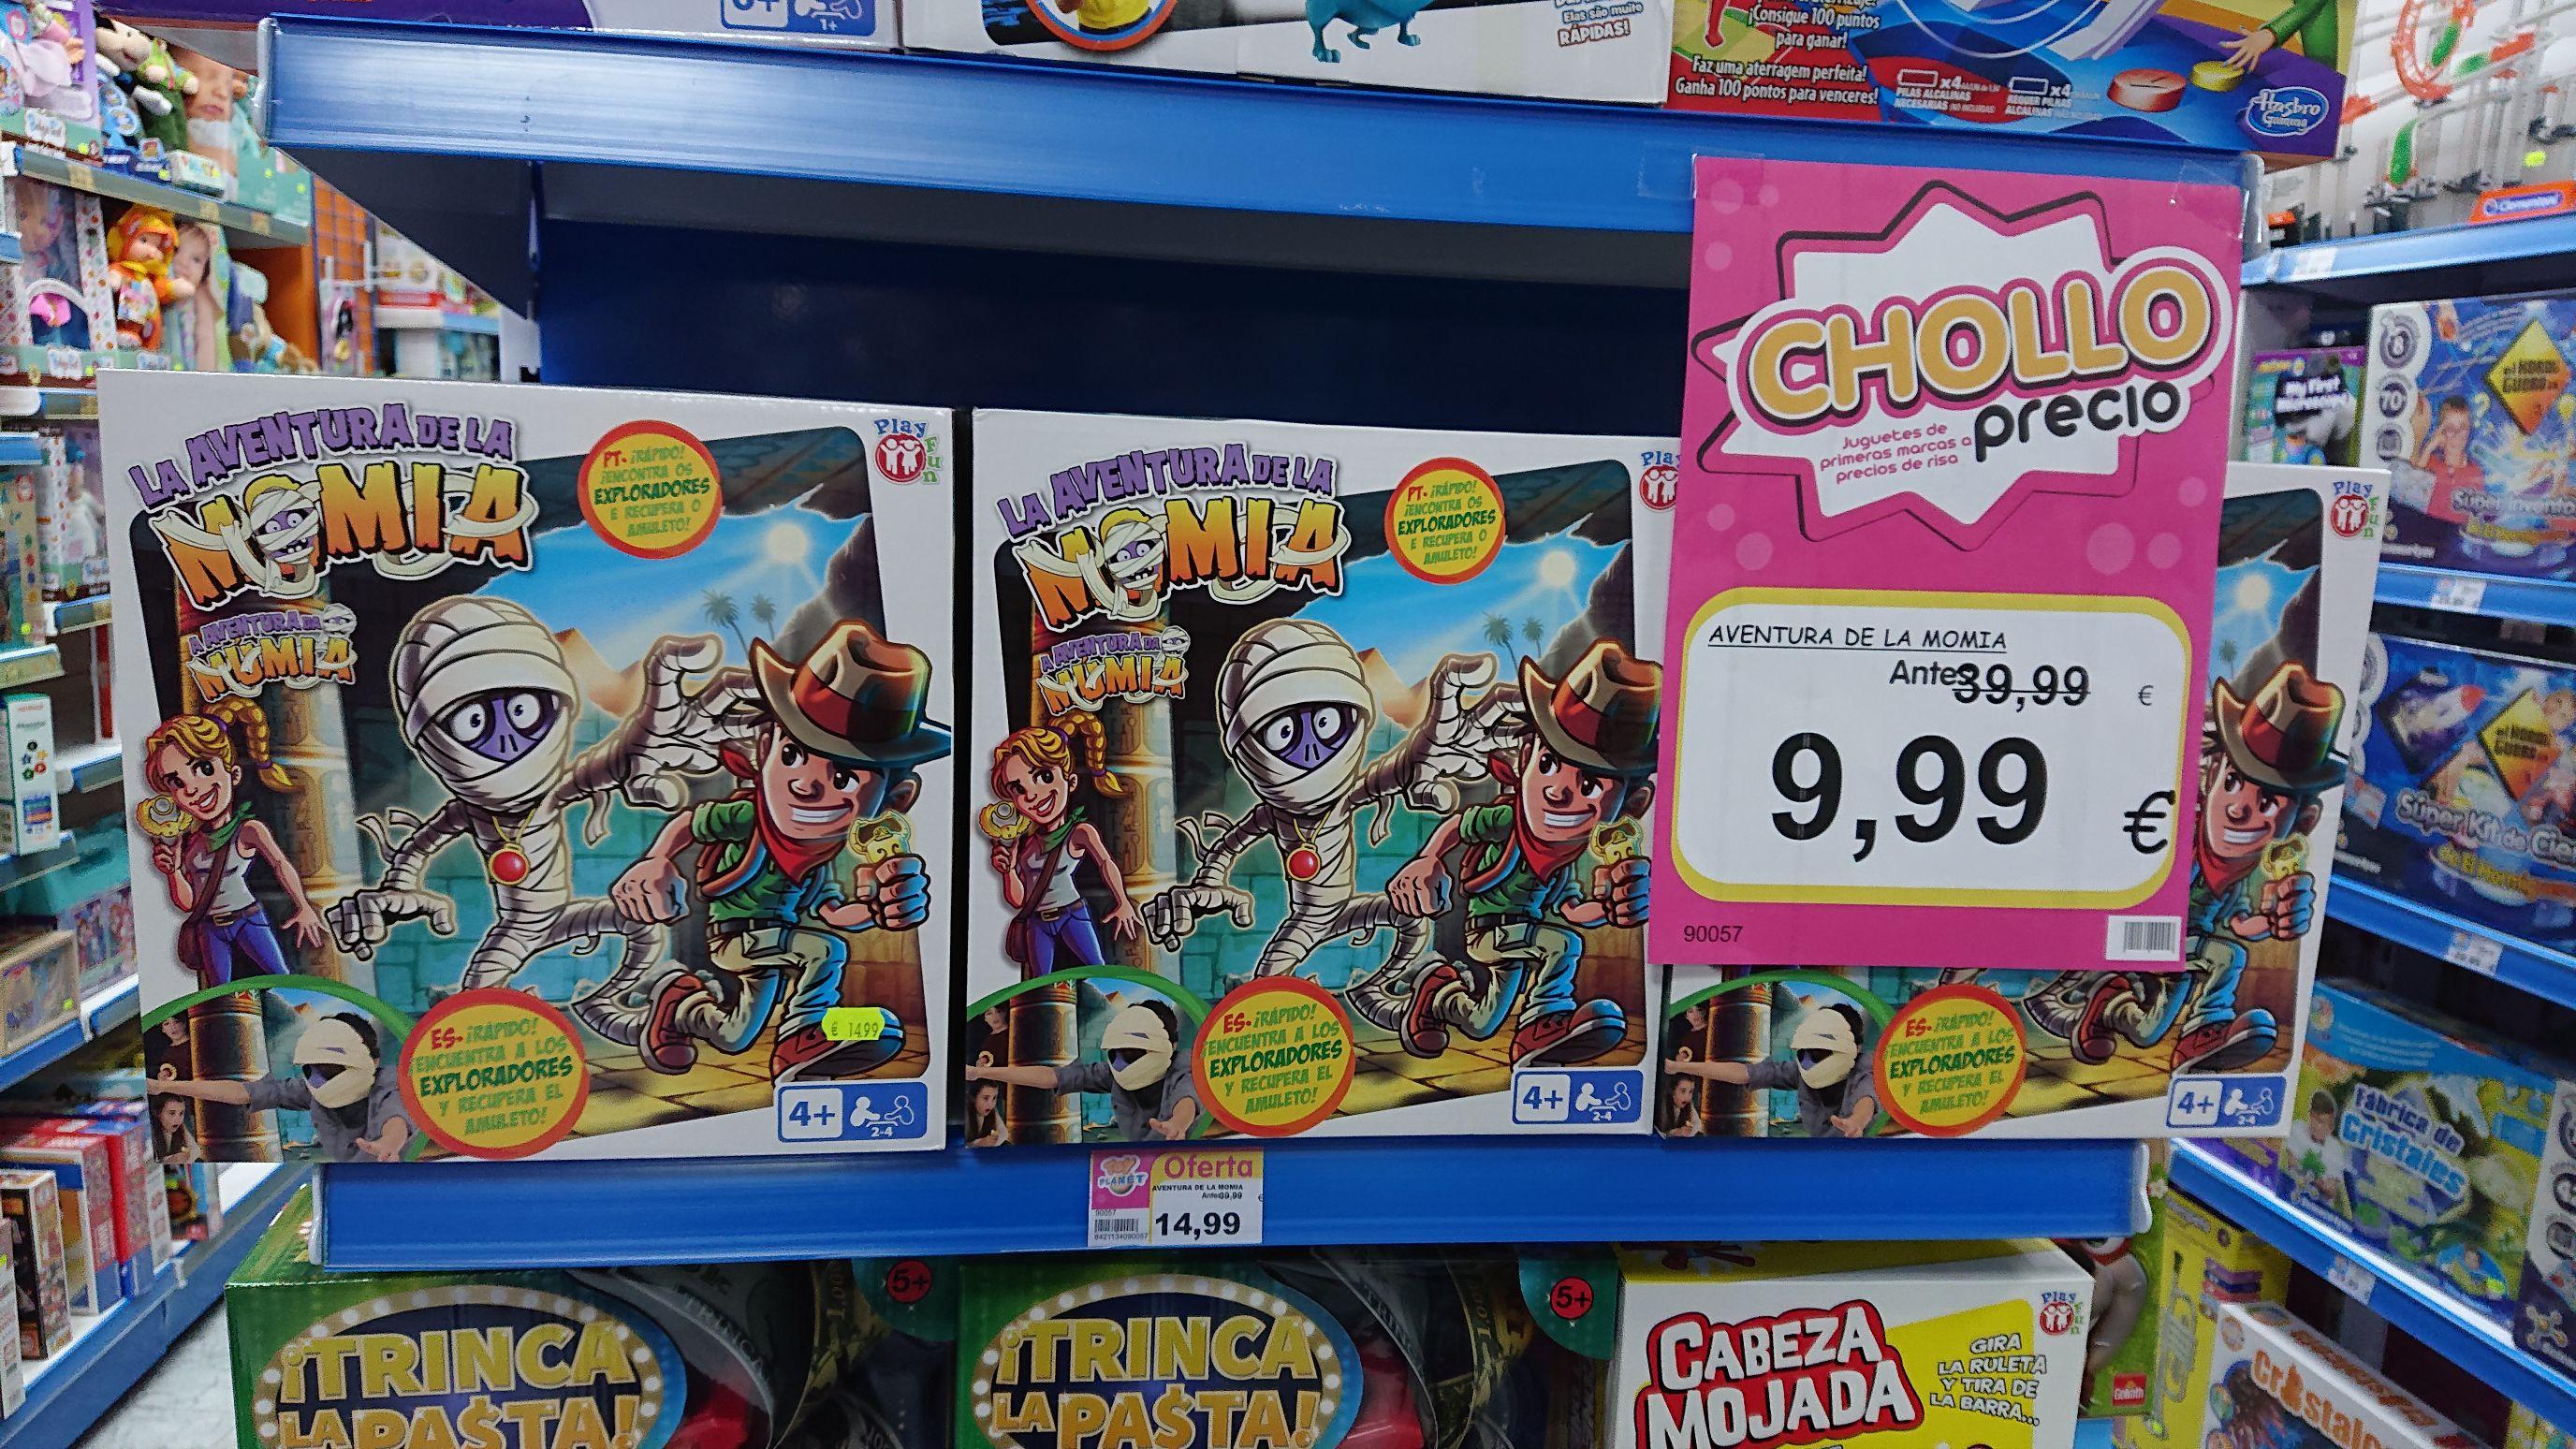 Aventura de la momia (Toy Planet La roda)